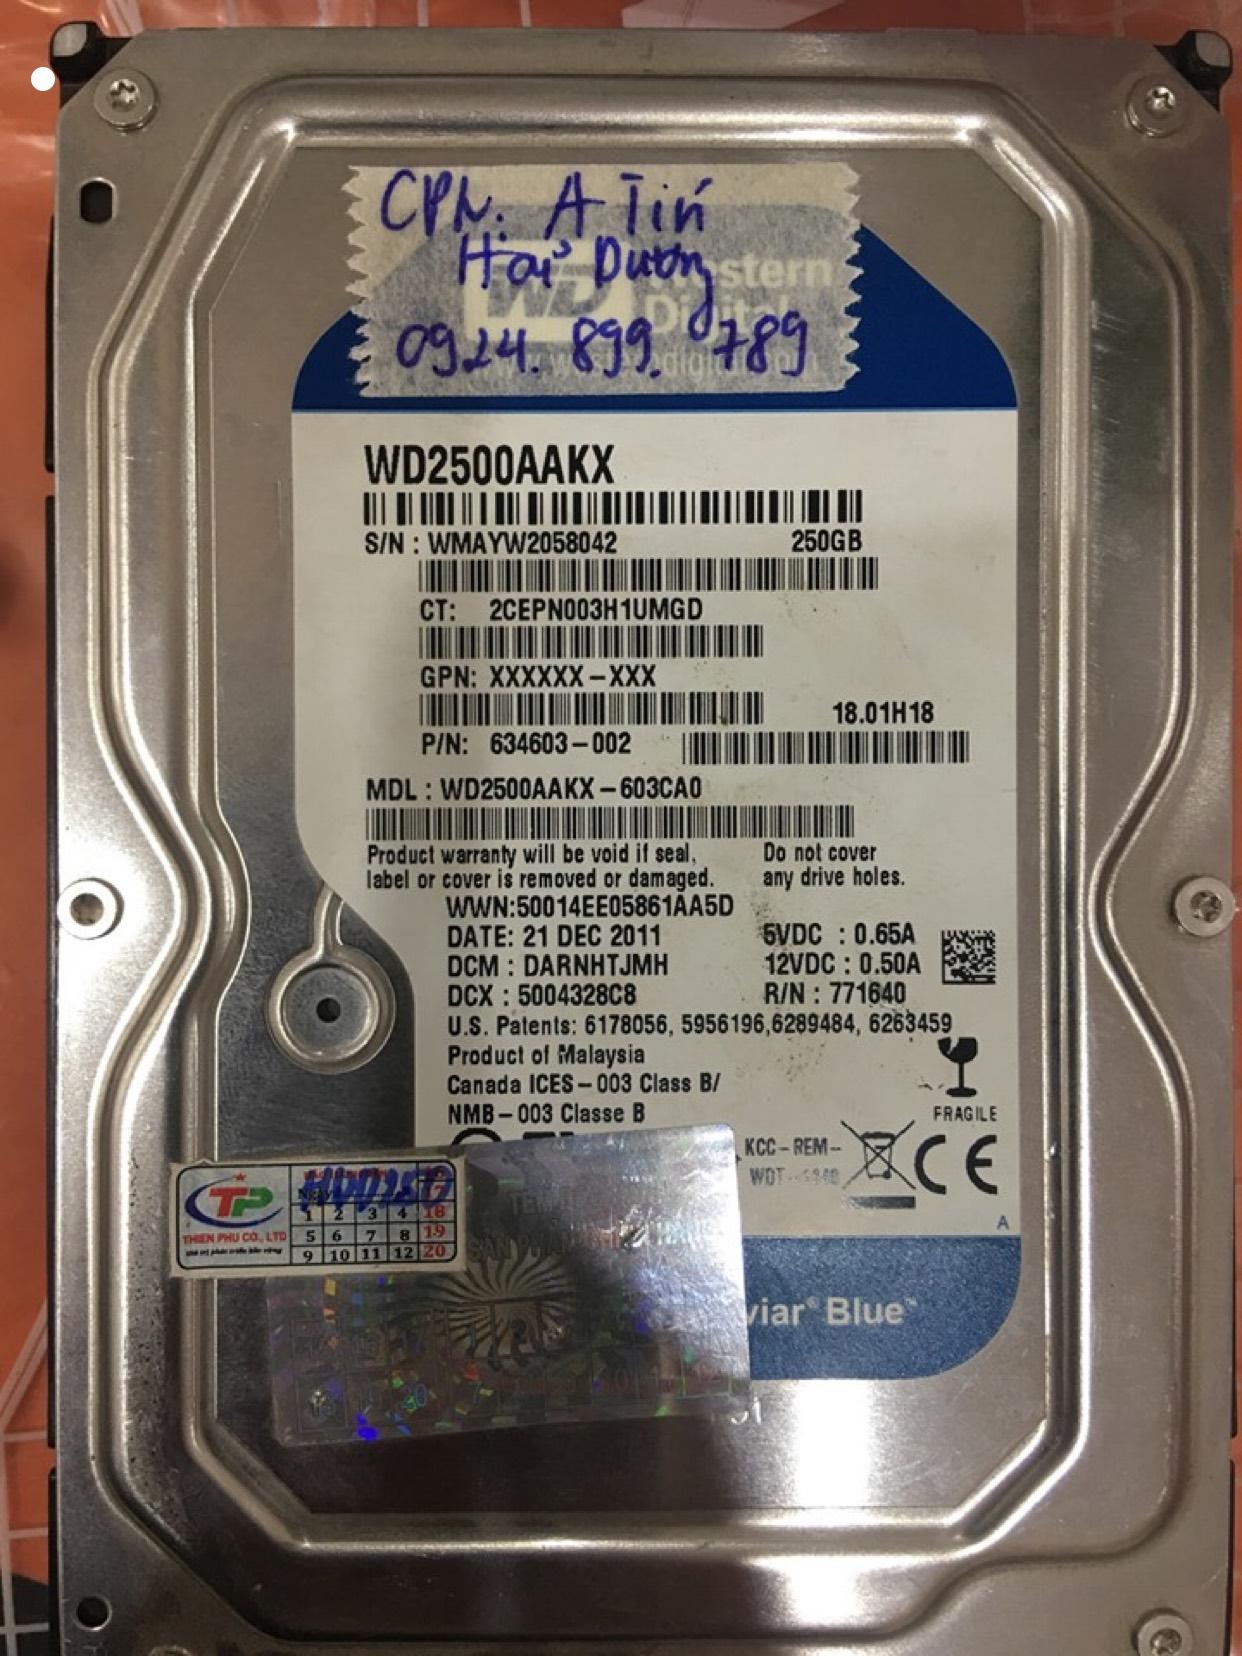 Khôi phục dữ liệu ổ cứng Western 250GB cháy tại Hải Dương 28/05/2020 - cuumaytinh